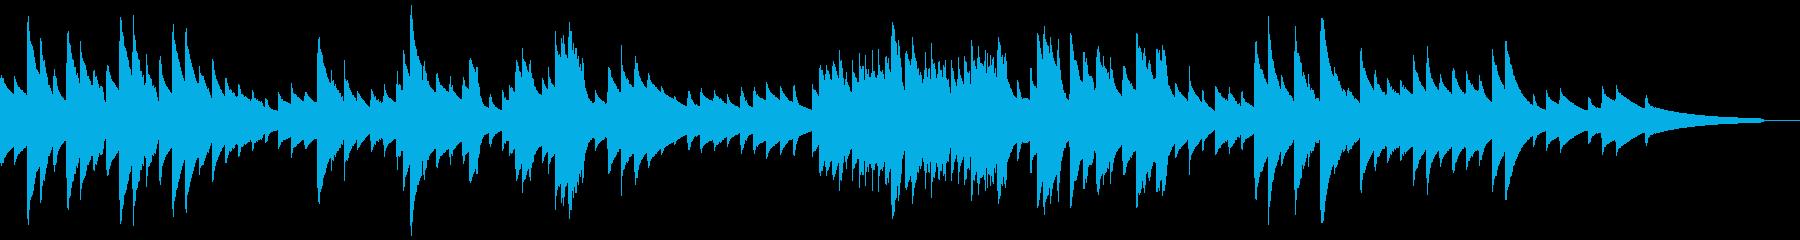 切なく優しいオルゴールの再生済みの波形